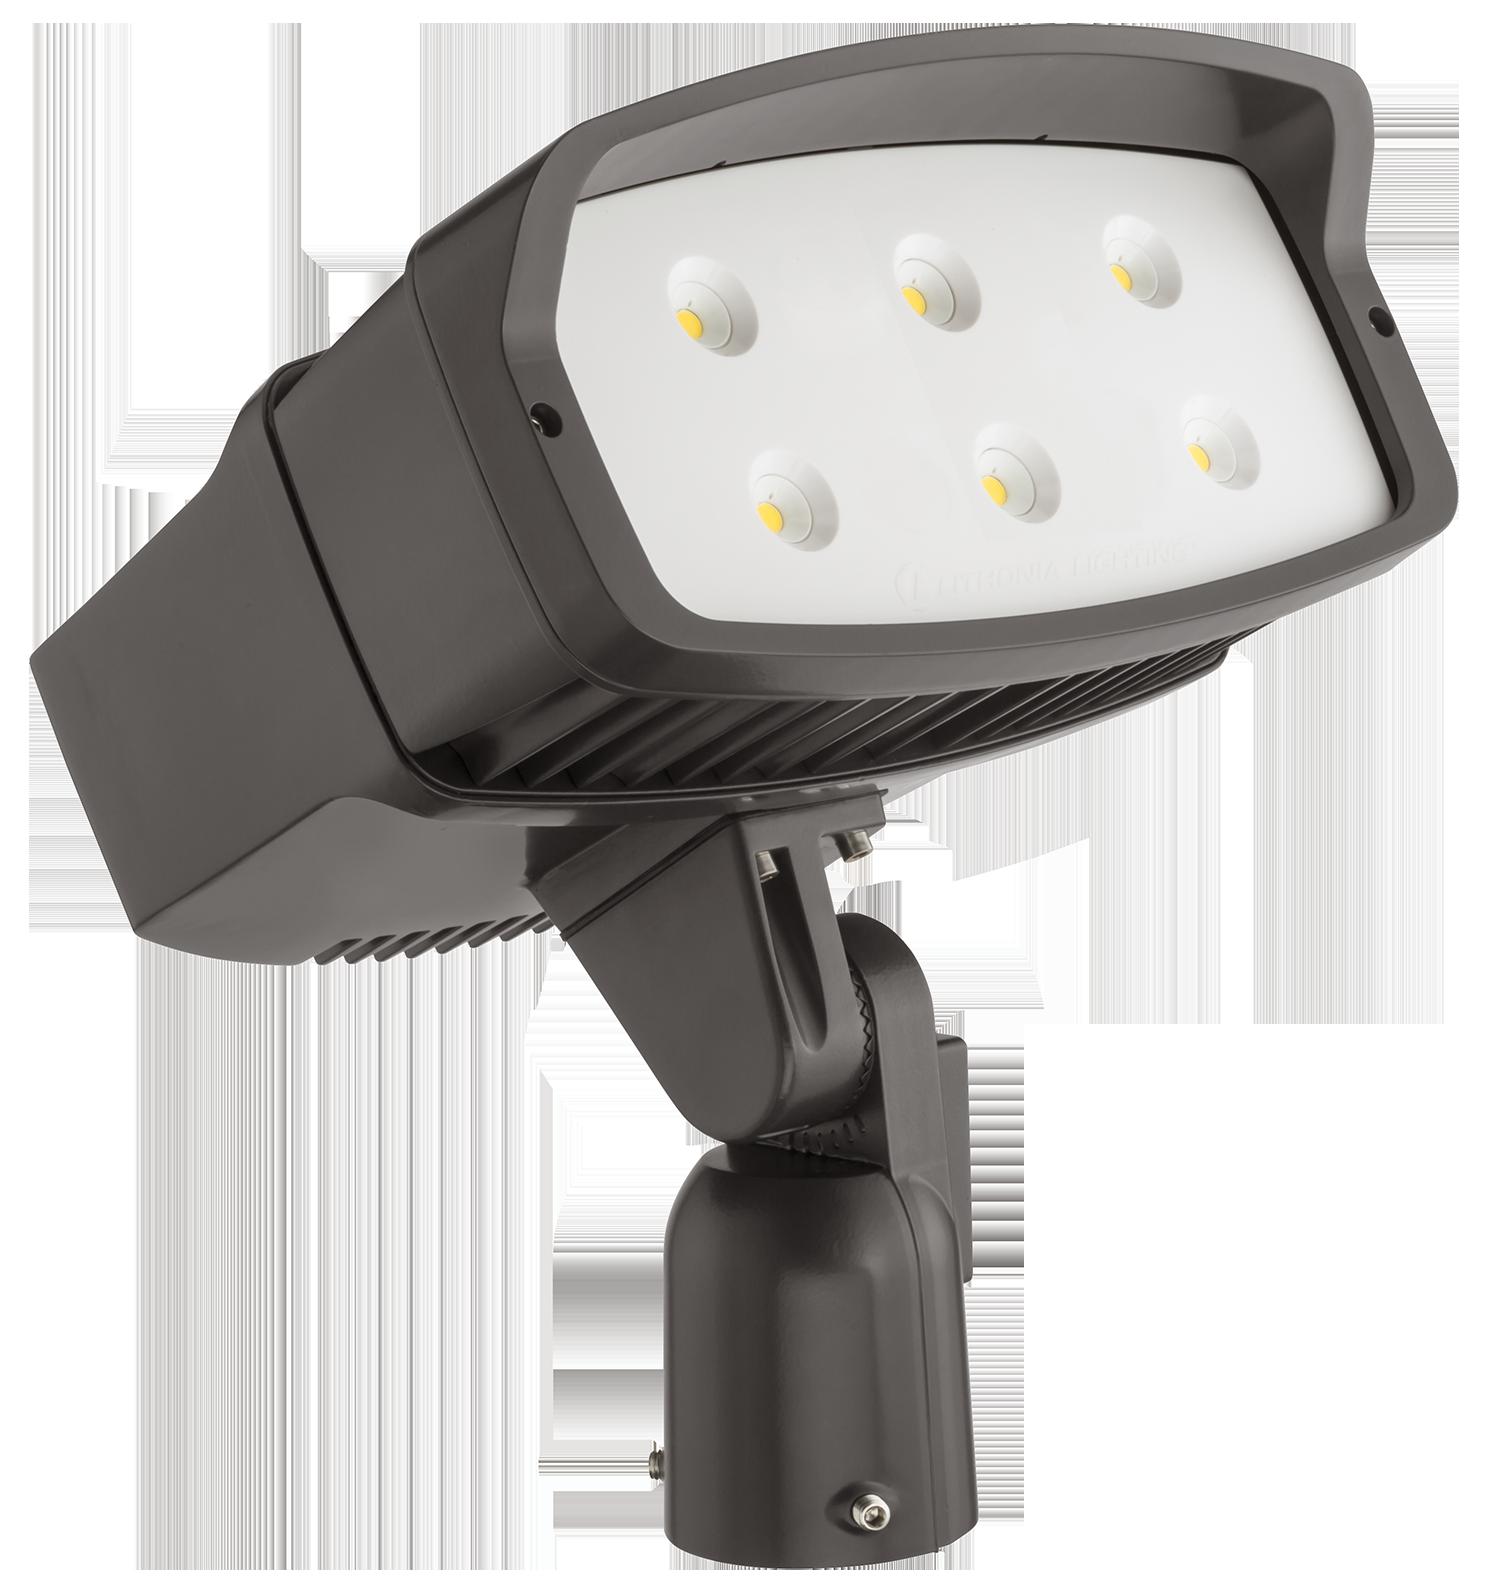 LL_LED Floodlight_OFL2 LED P2 MVOLT IS DDBXD.png